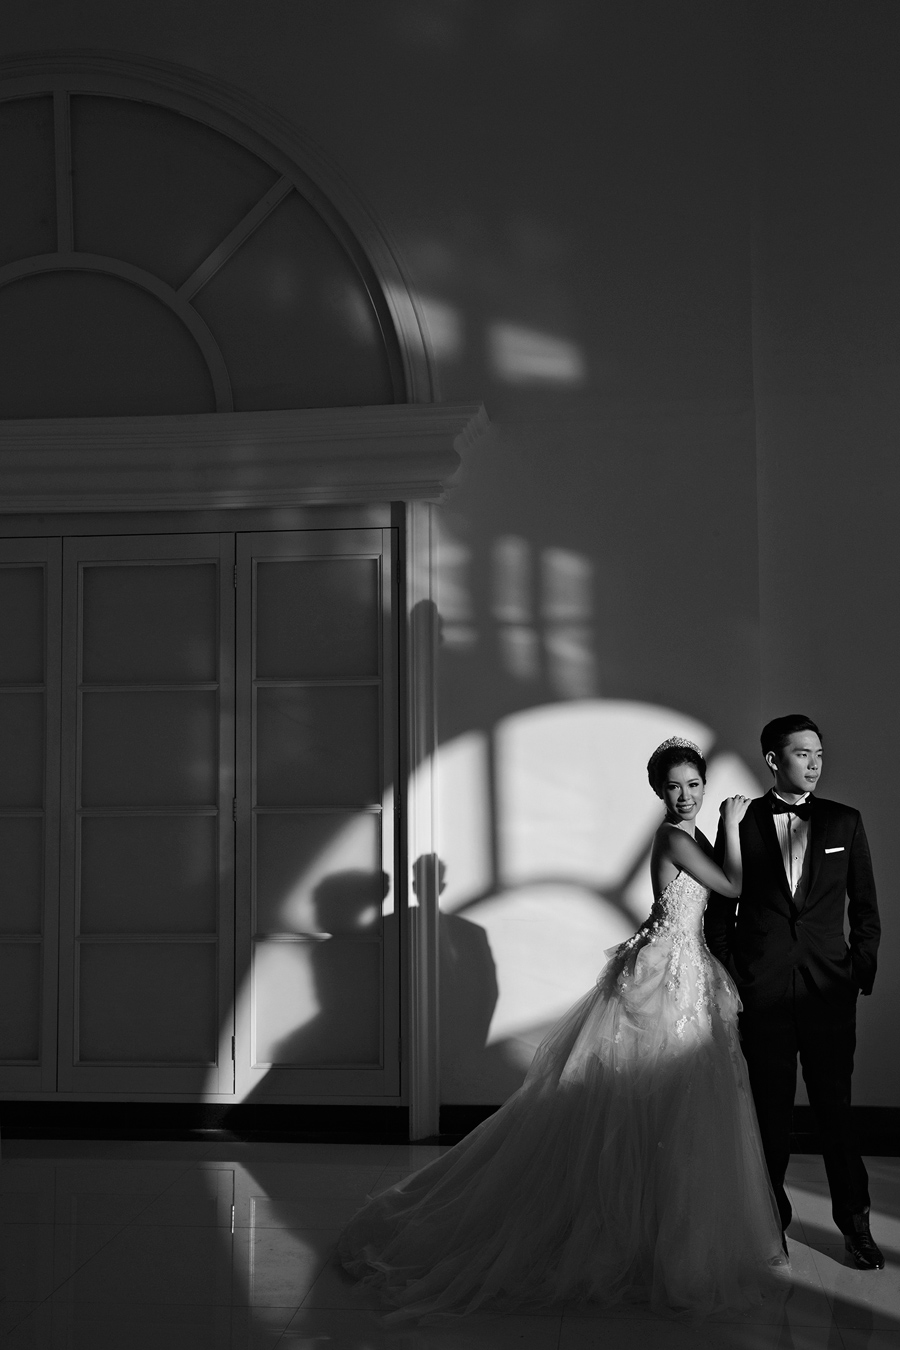 axioo-rocky-merlin-wedding-surabaya-01